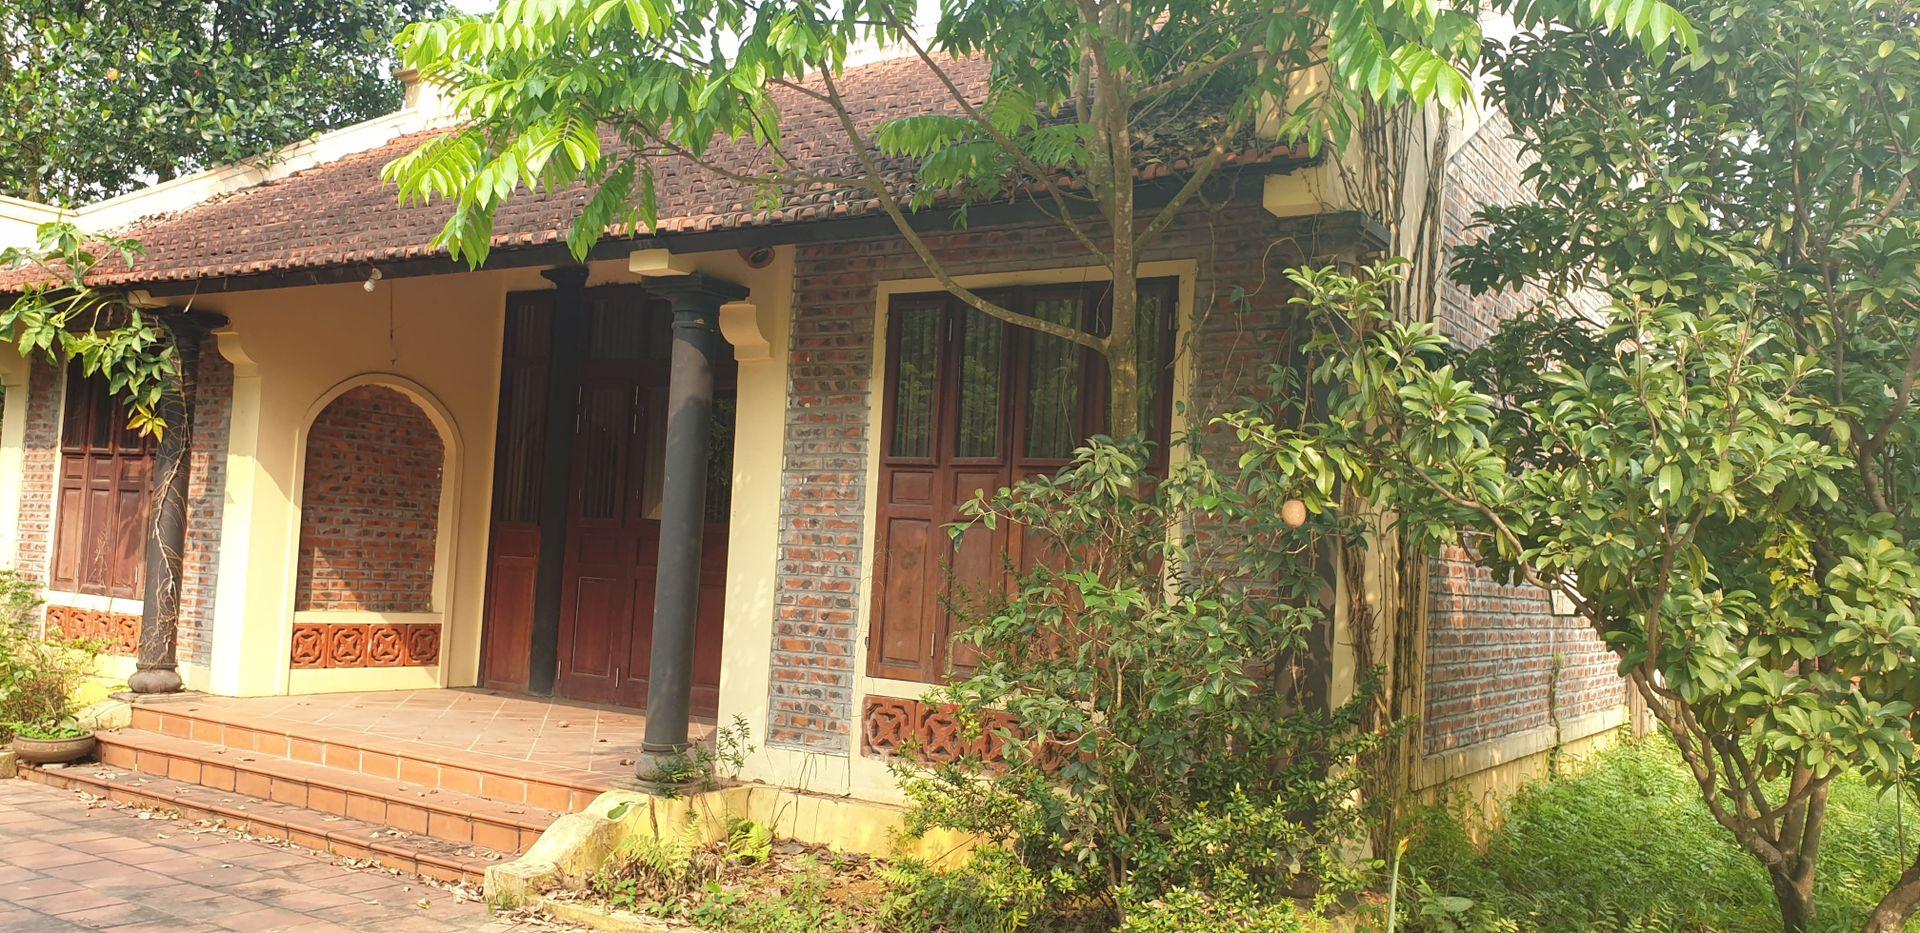 khong-gian-family-resort-homestay-ba-vi-ha-noi-04